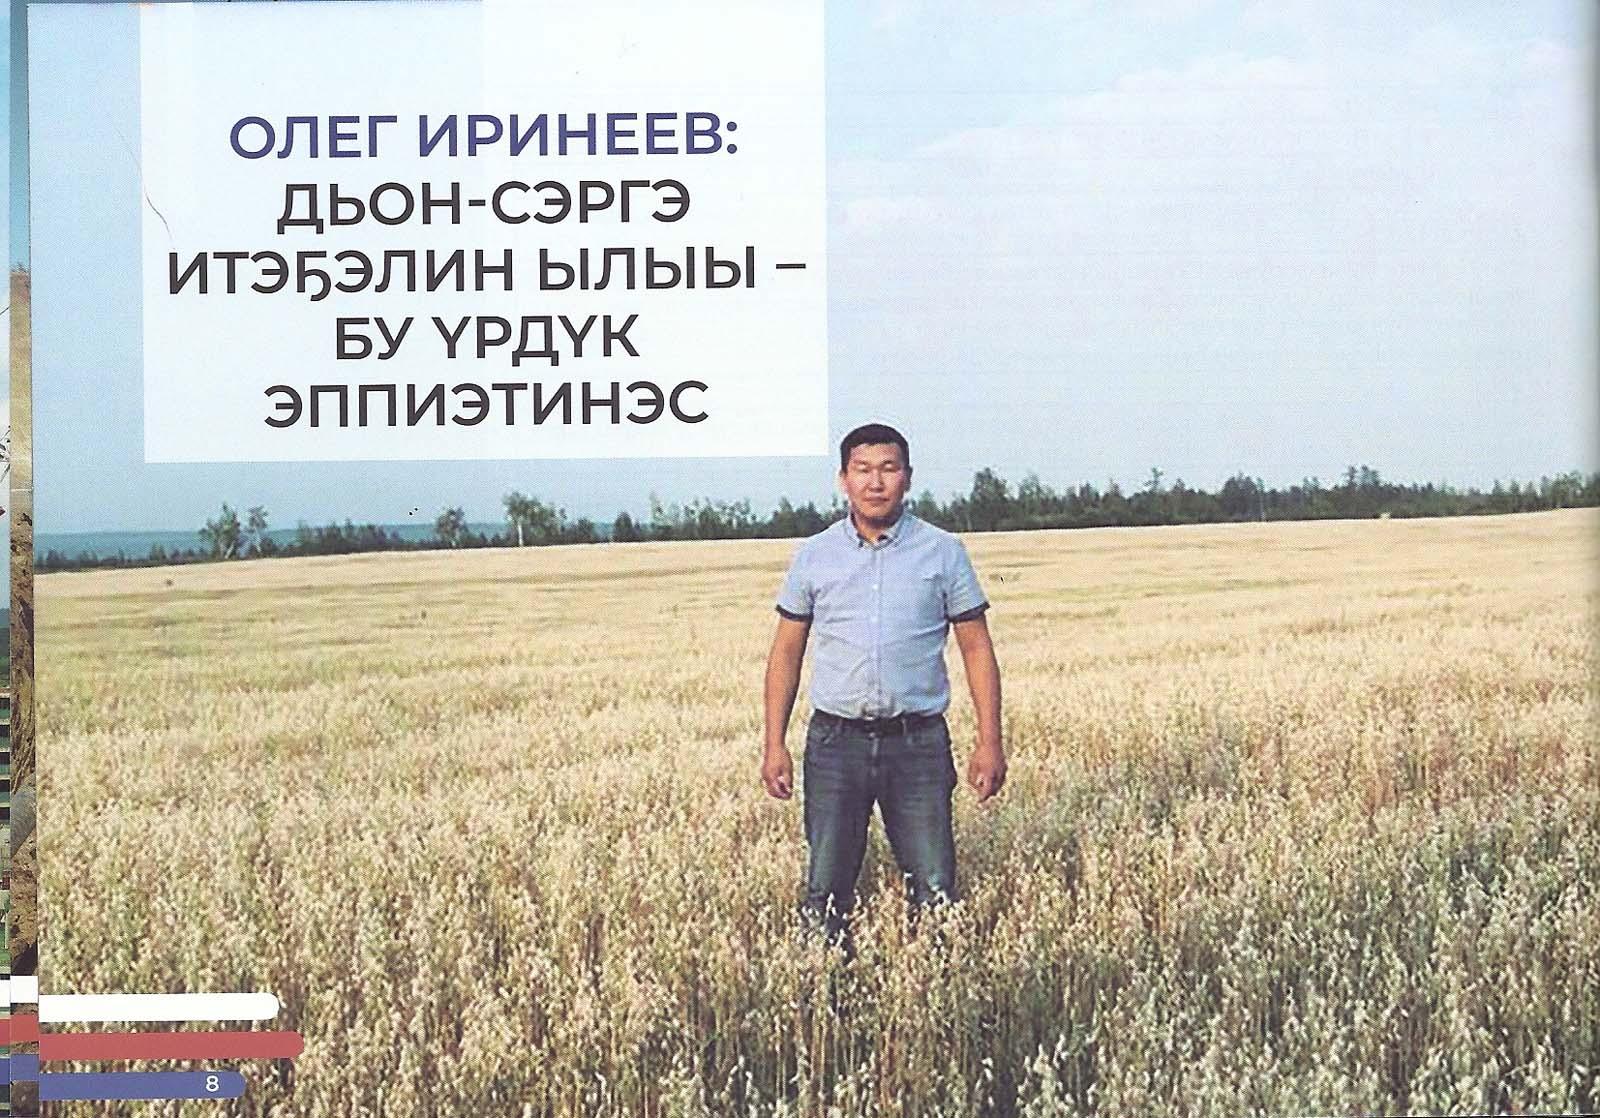 """Сбывшийся прогноз """"Aartyk.Ru"""": Первый Президент Республики Саха поддержал Олега Иринеева!"""